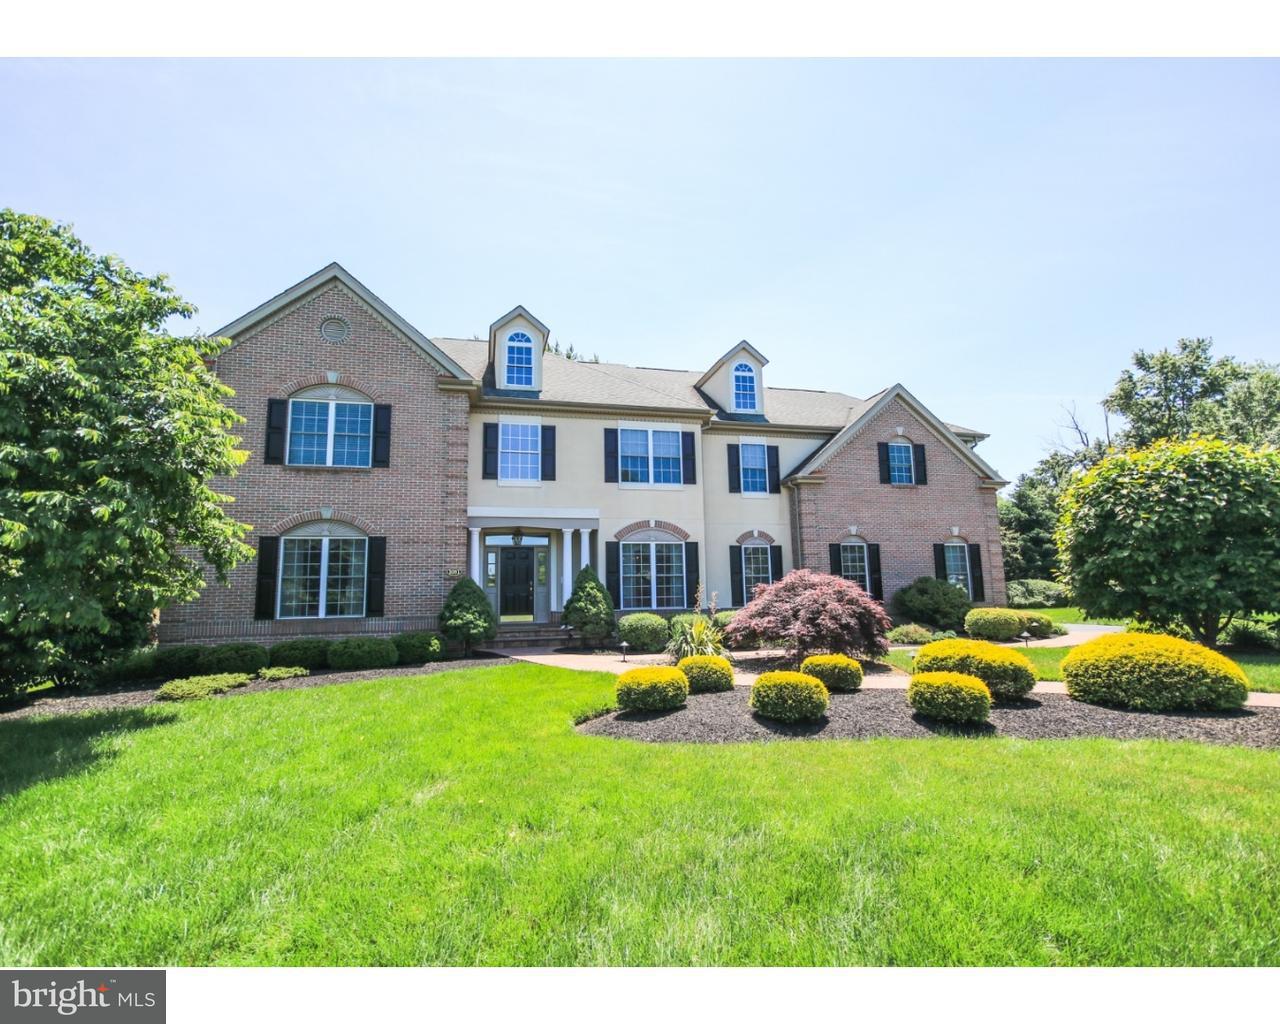 独户住宅 为 销售 在 1051 WINDER Drive 雅德利, 宾夕法尼亚州 19067 美国